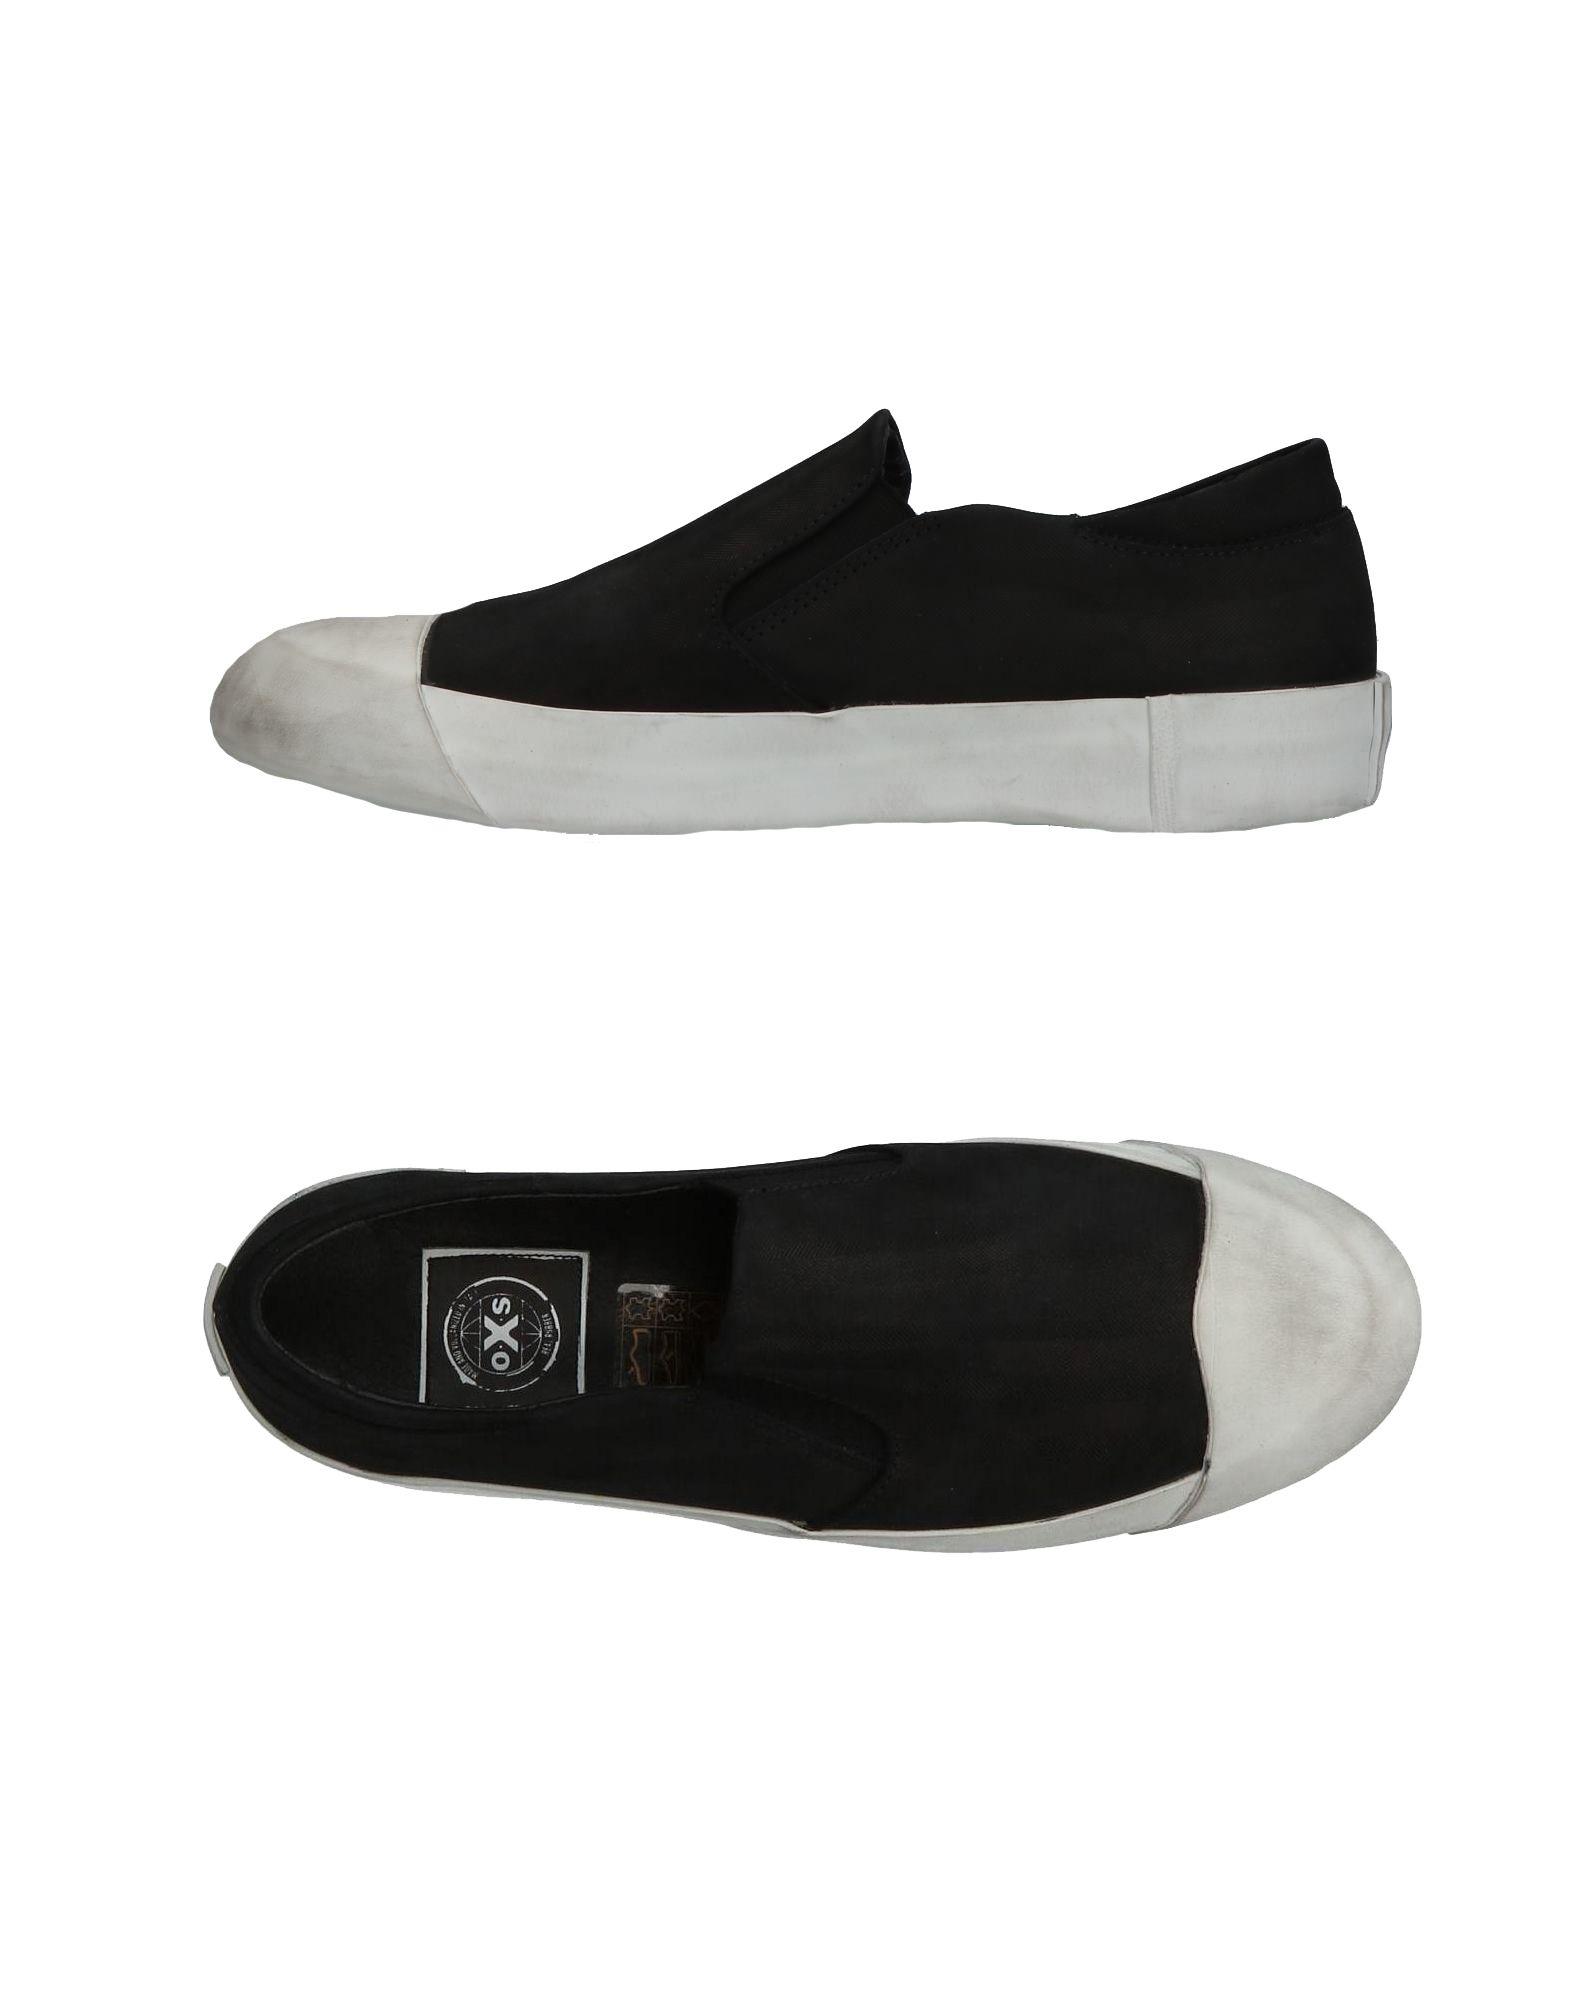 O.X.S. Sneakers Damen  11356624TH Gute Qualität beliebte Schuhe